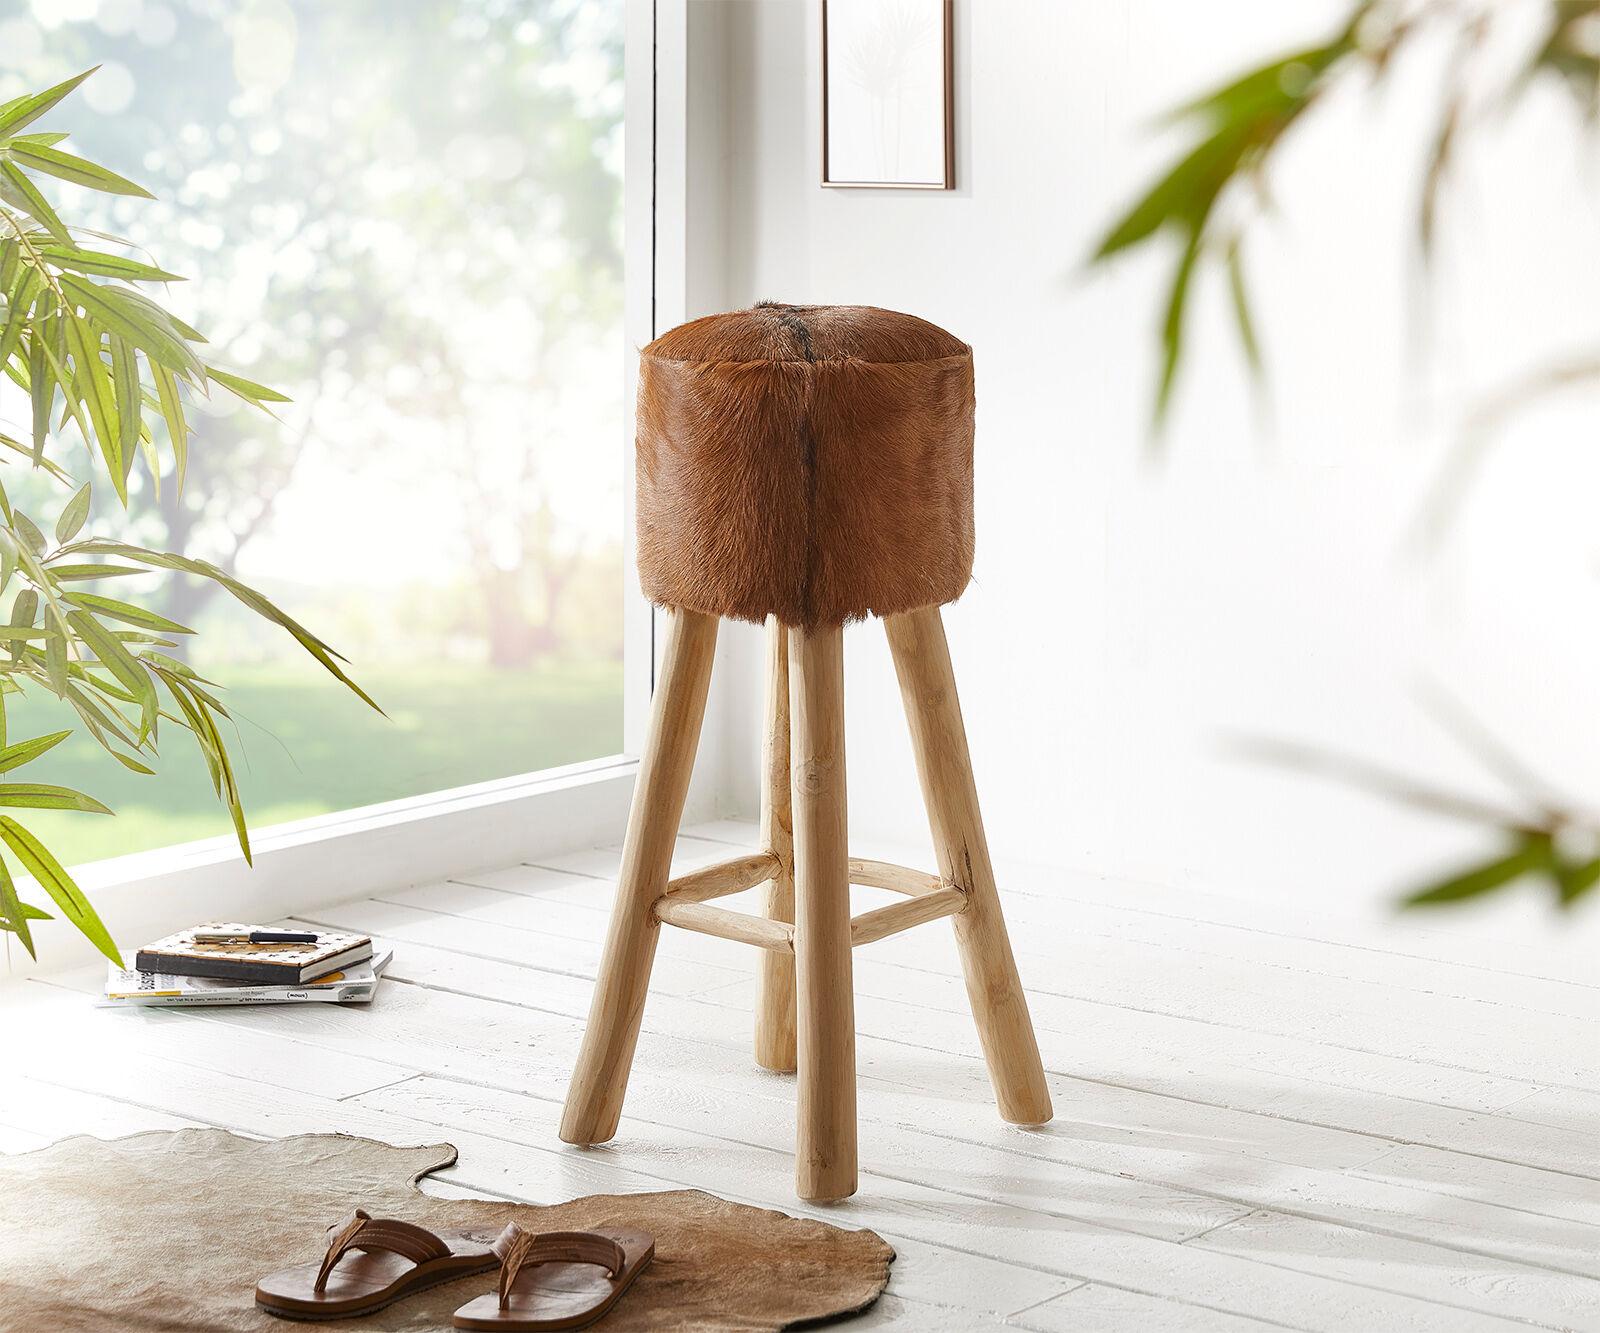 DELIFE Chaise-de-bar Koza 77x36 cm marron peau de chèvre bois de teck